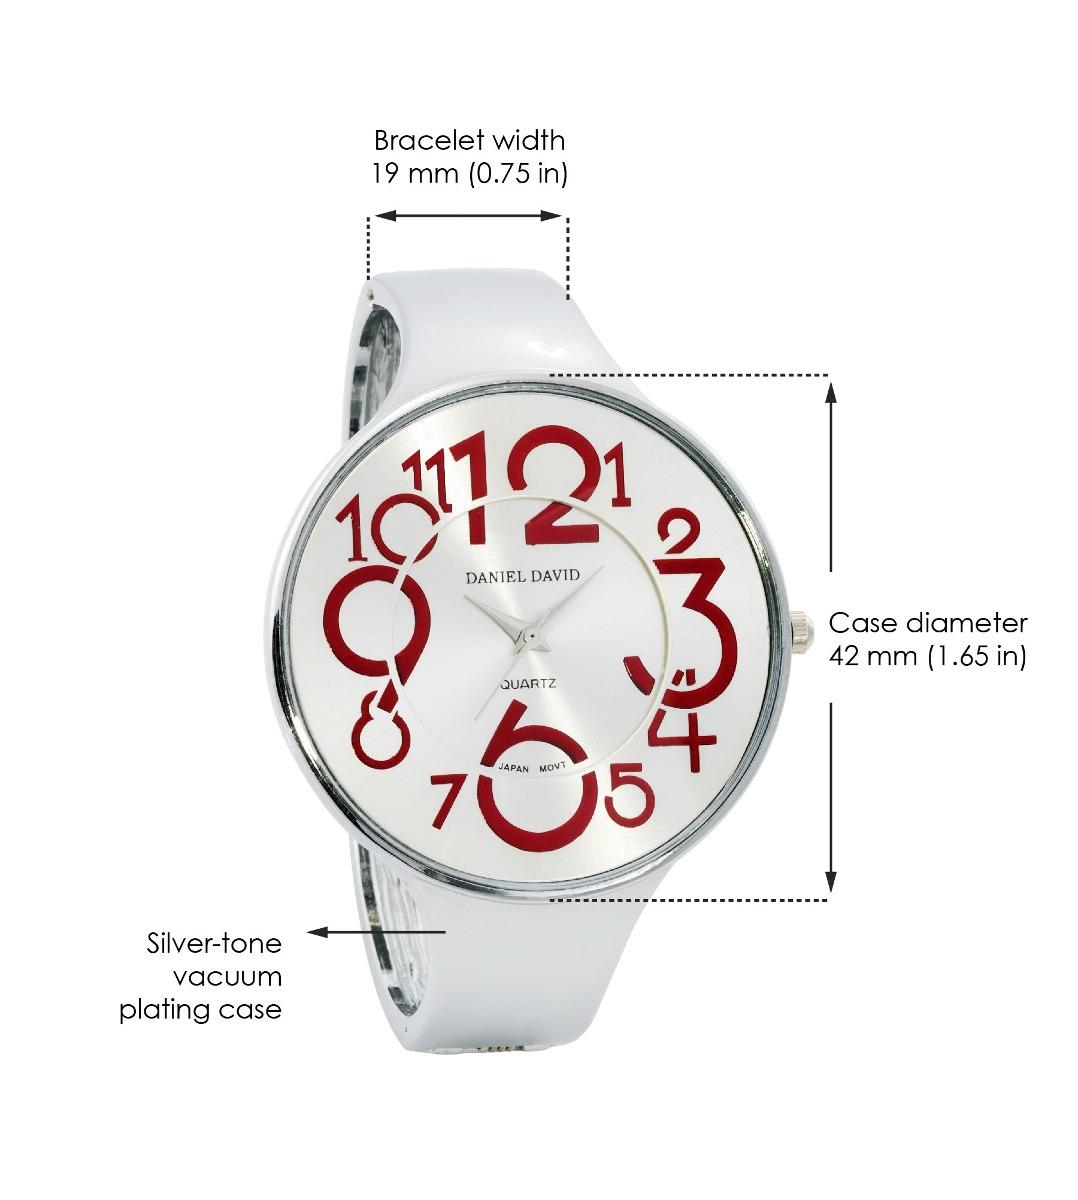 70c9a35471dd relojes para mujer de daniel david - reloj de pulsera de mod. Cargando zoom.